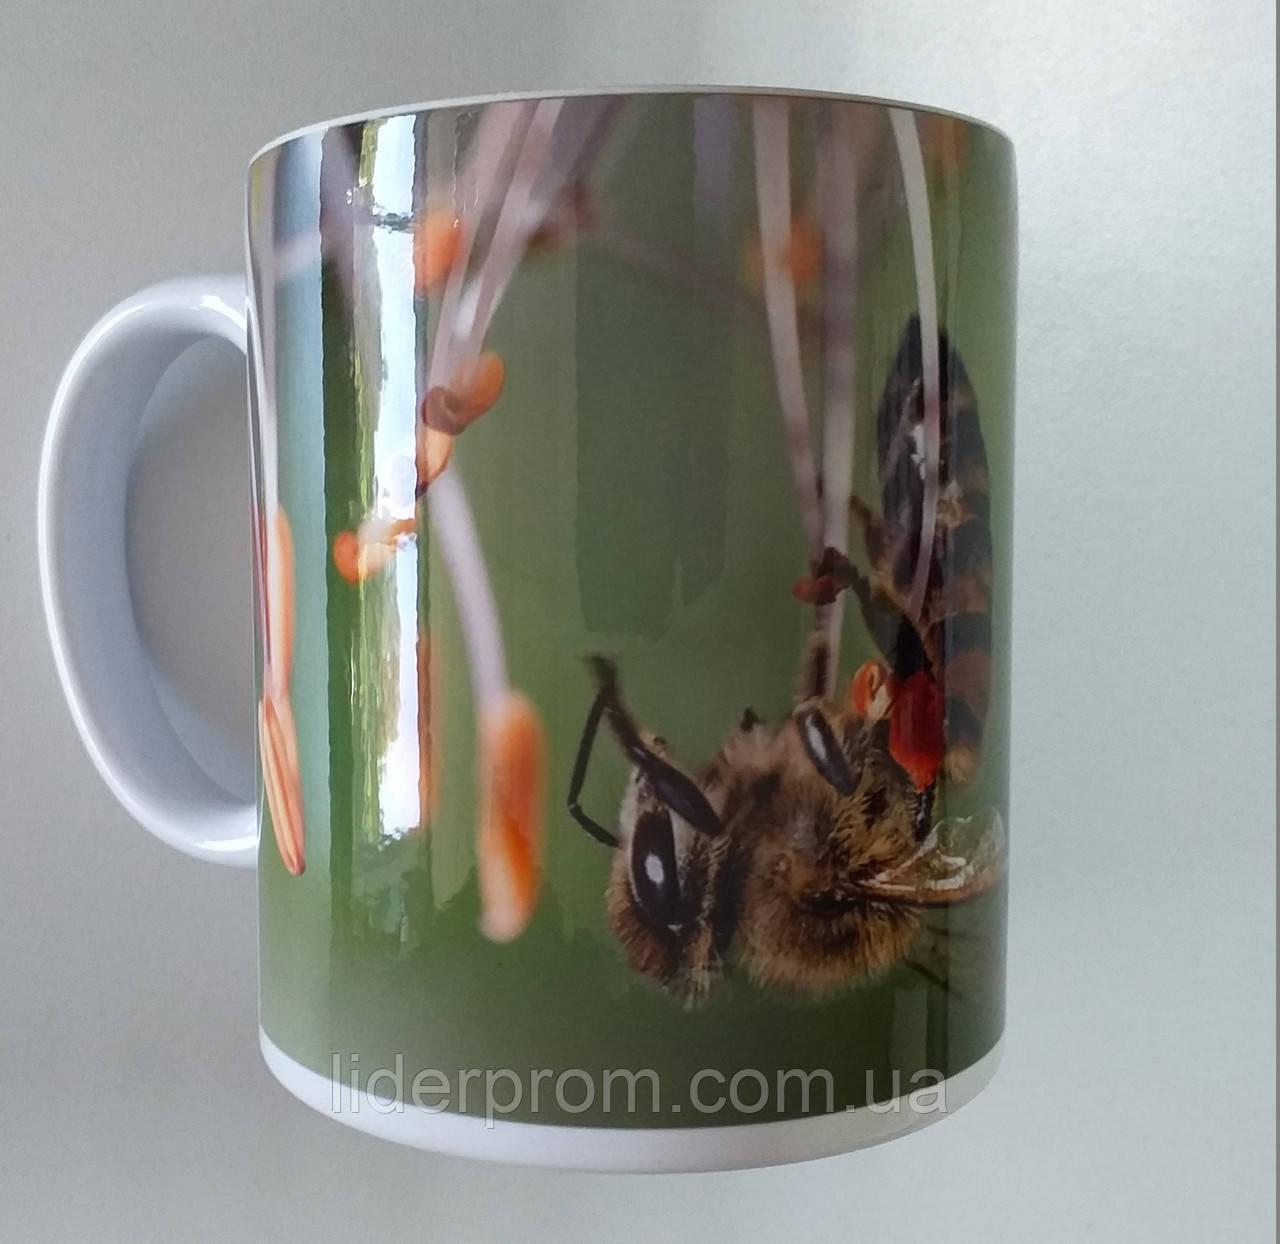 """Чашка подарункова для бджоляра, для любителів меду та пасіки """"Збирання пилку"""""""